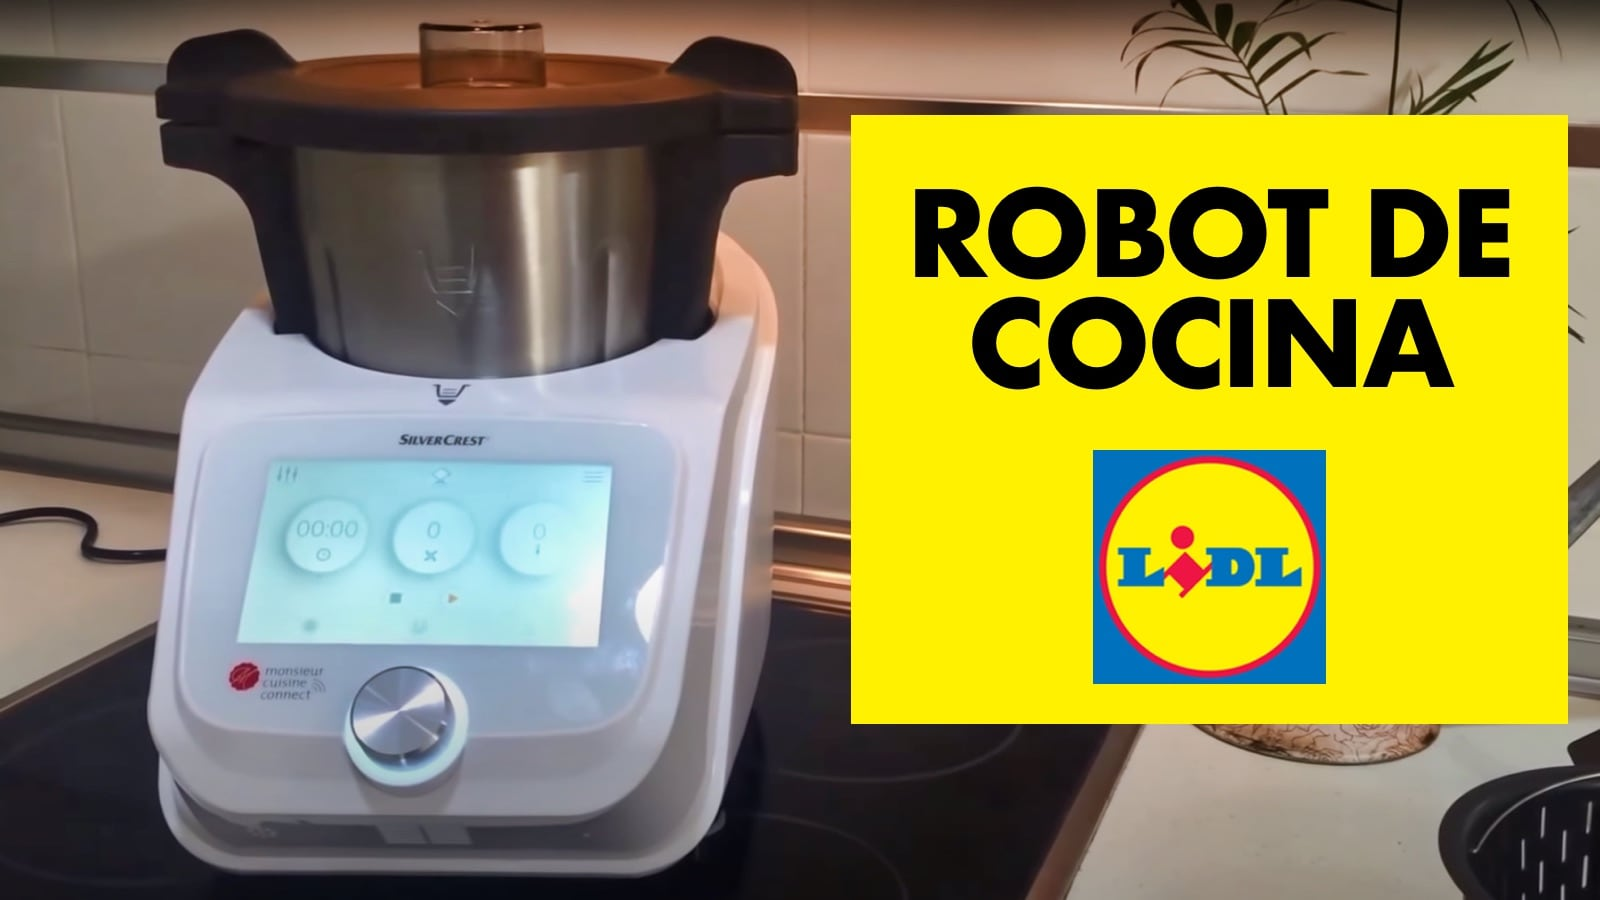 Robot de Cocina del Lidl SilverCrest Monsieur Cuisine